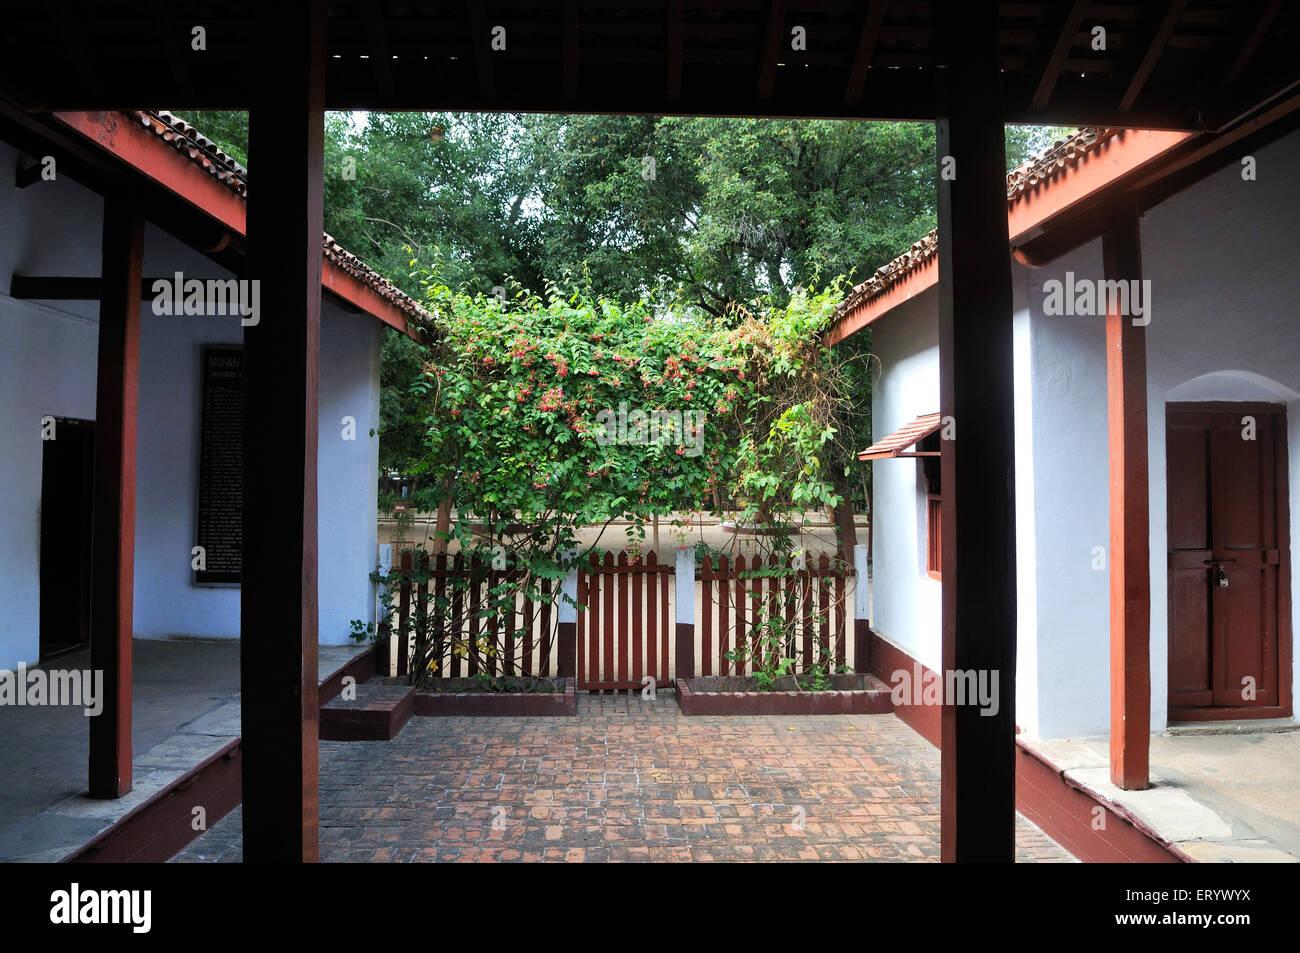 Sabarmati ashram ; Ahmedabad ; Gujarat ; India - aum 176840 - Stock Image